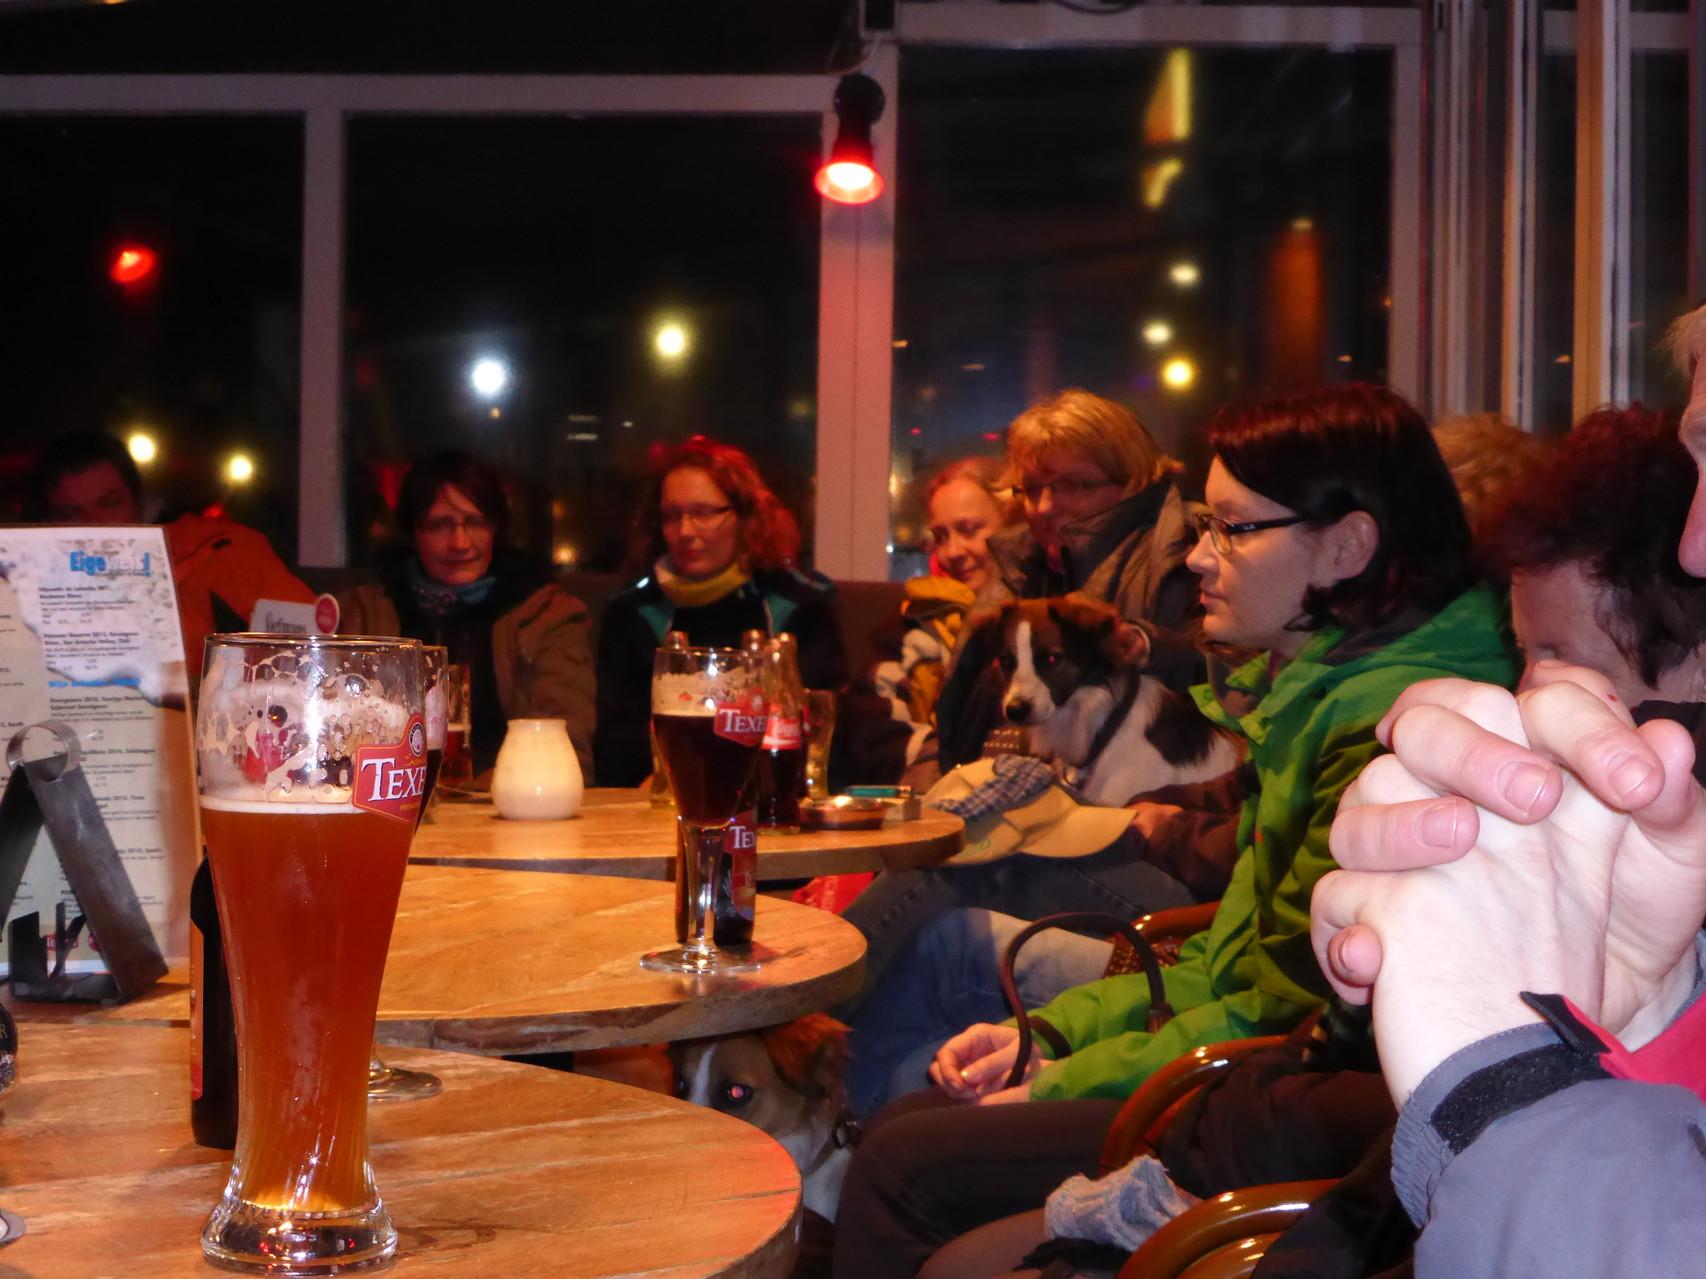 Die 2-Beiner bei Wein und Bier